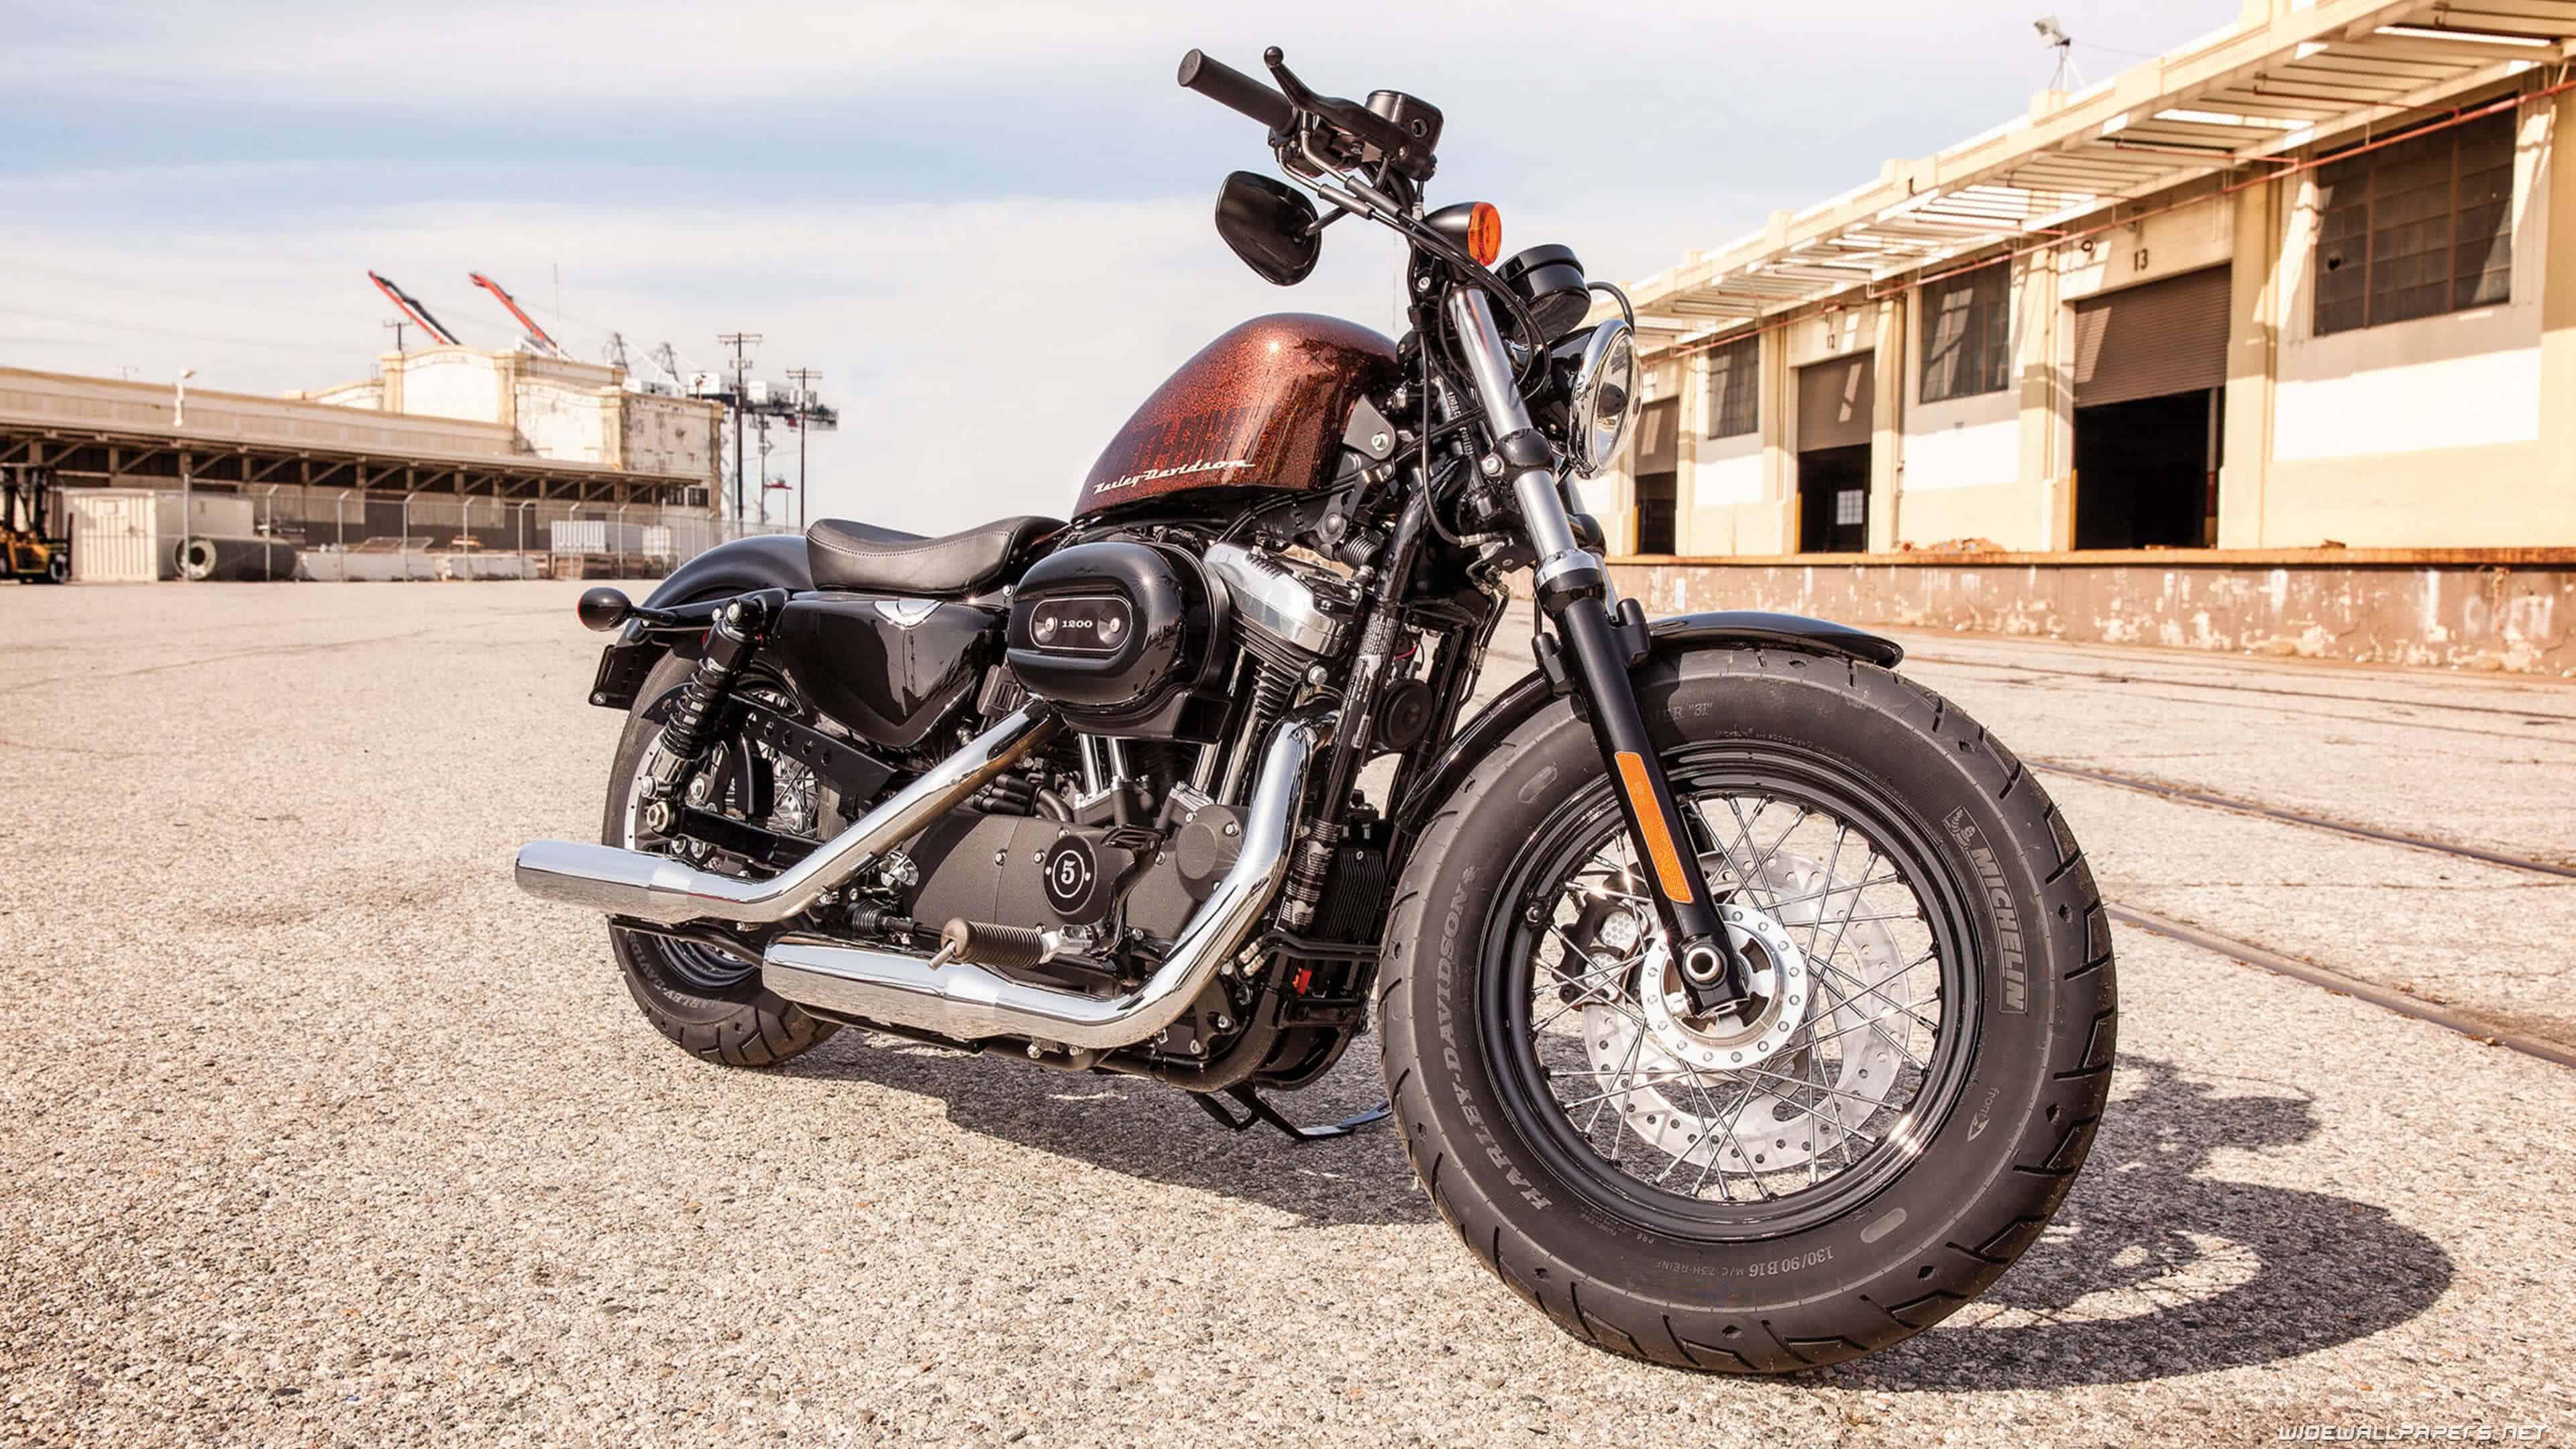 Harley Davidson Sportster UHD 4K Wallpaper